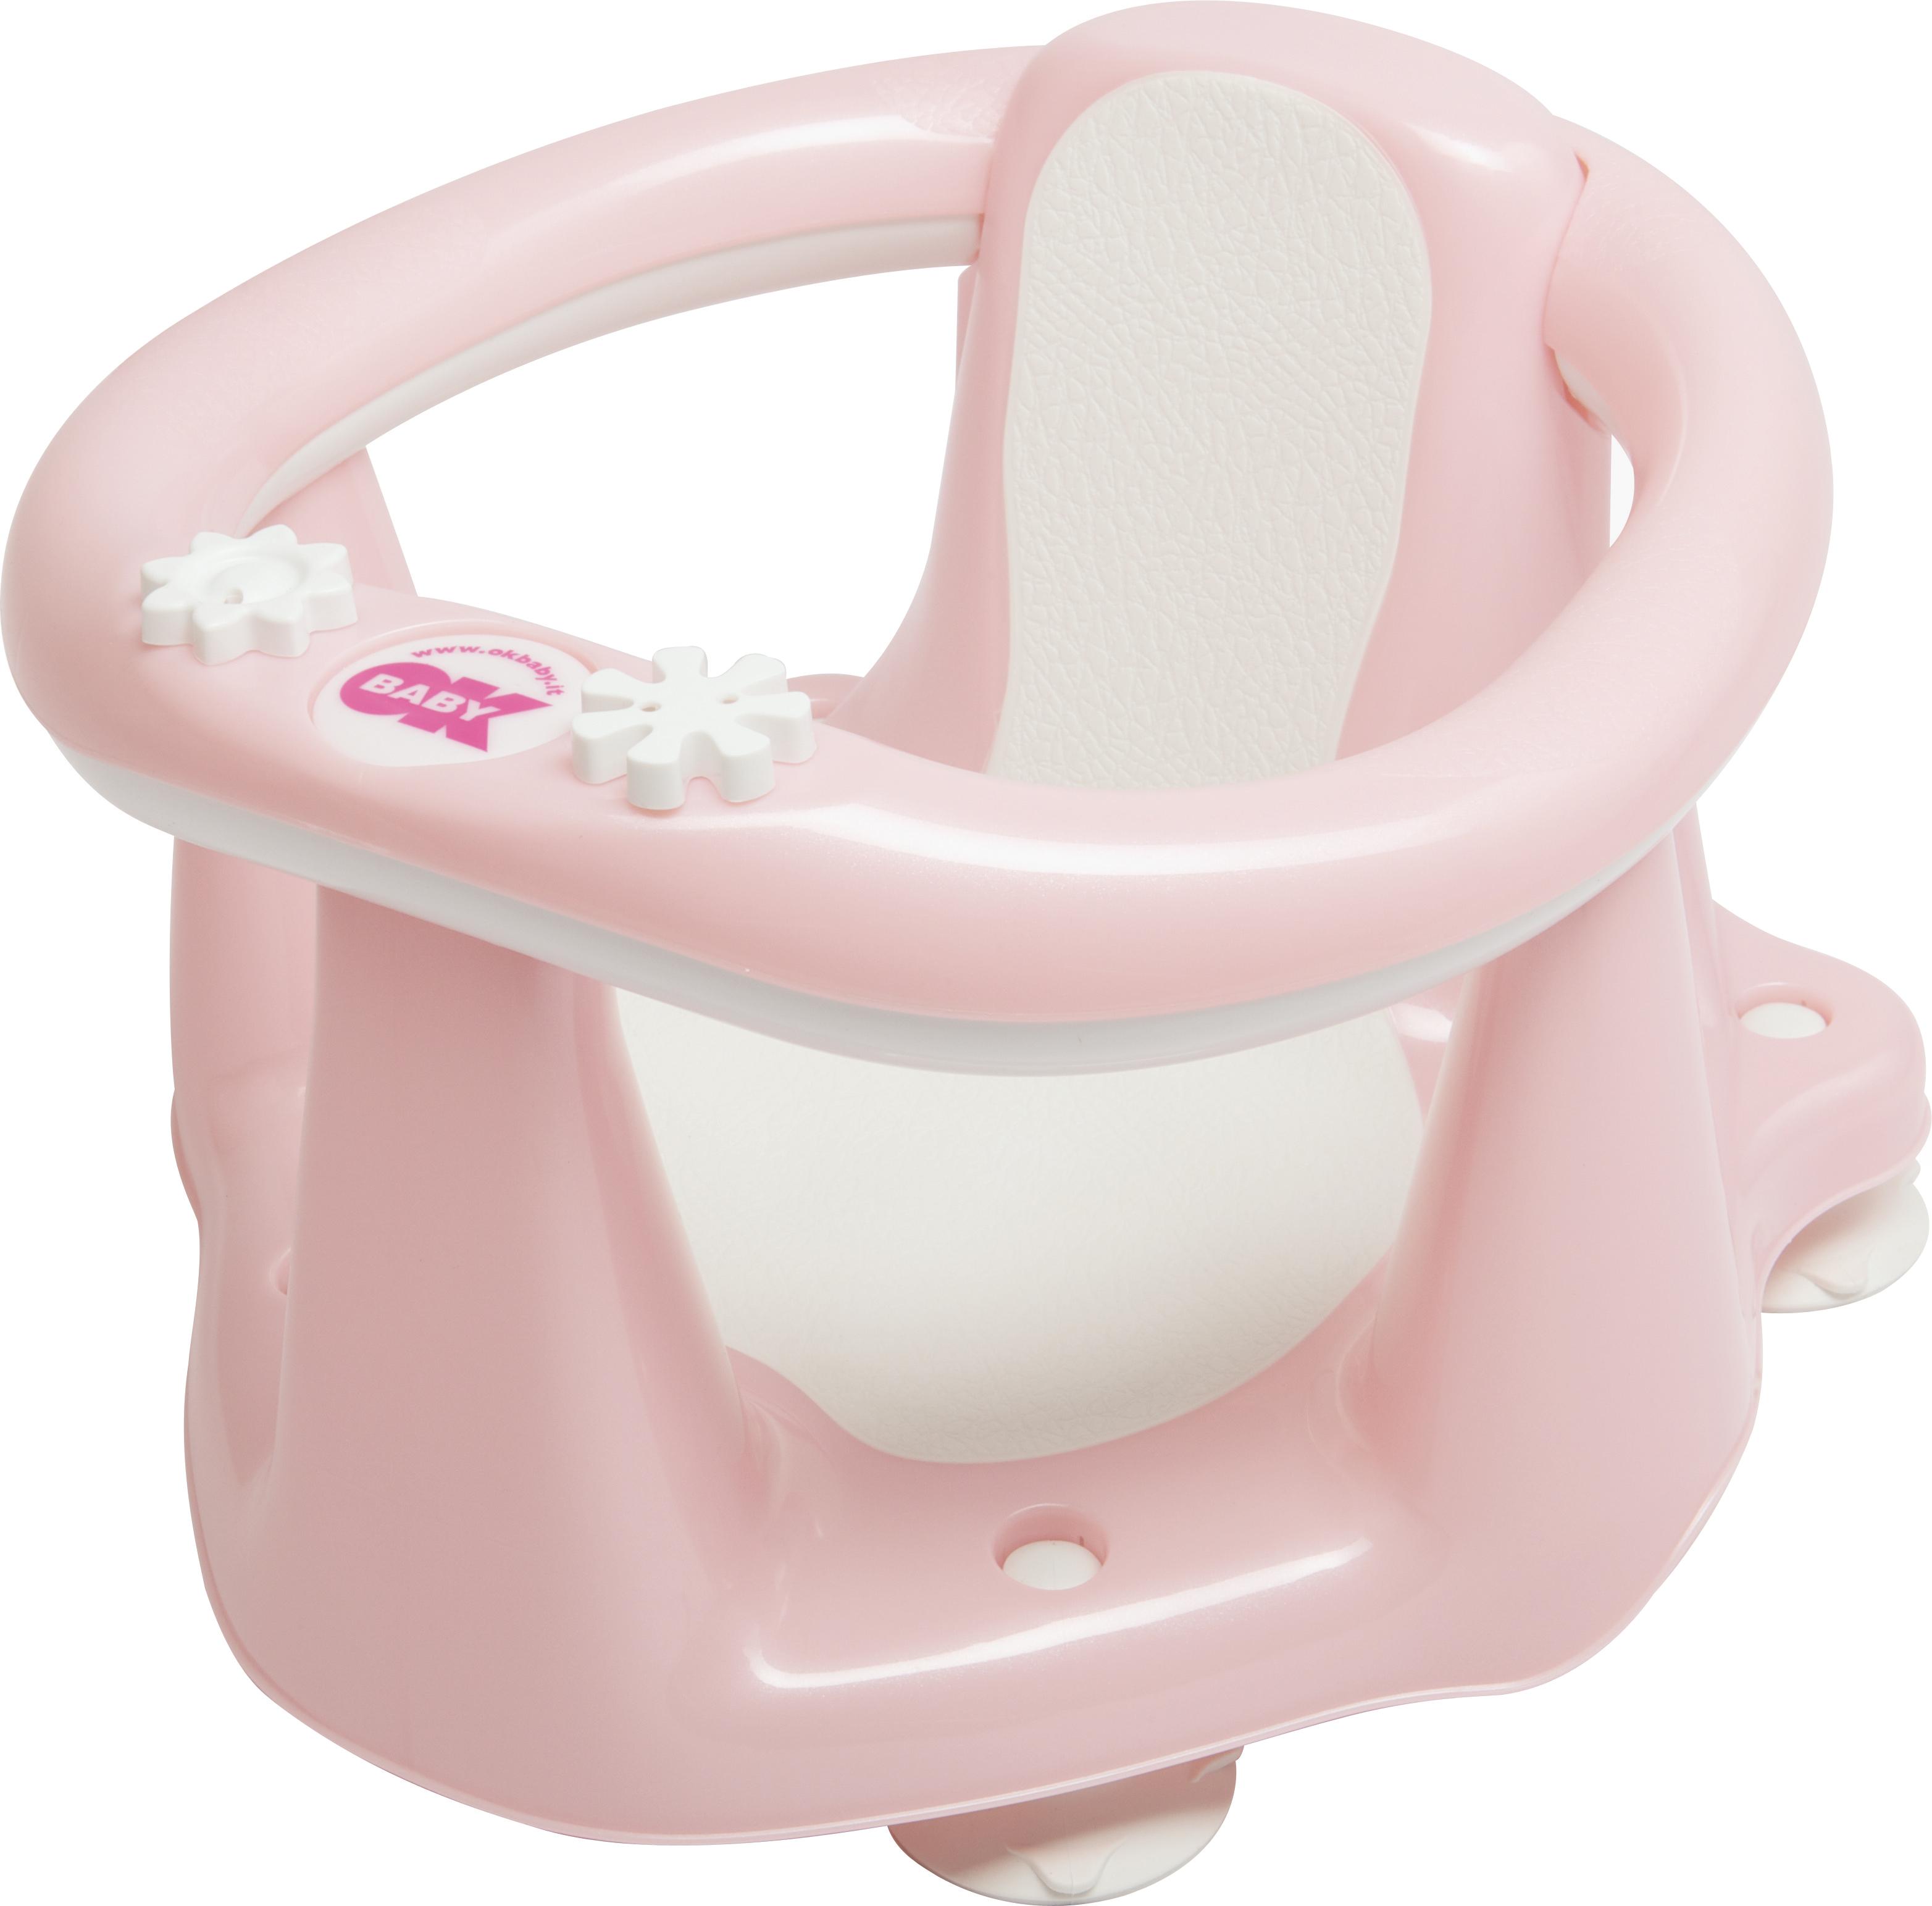 Стульчик для купания OK Baby Flipper Evolution светло-розовый